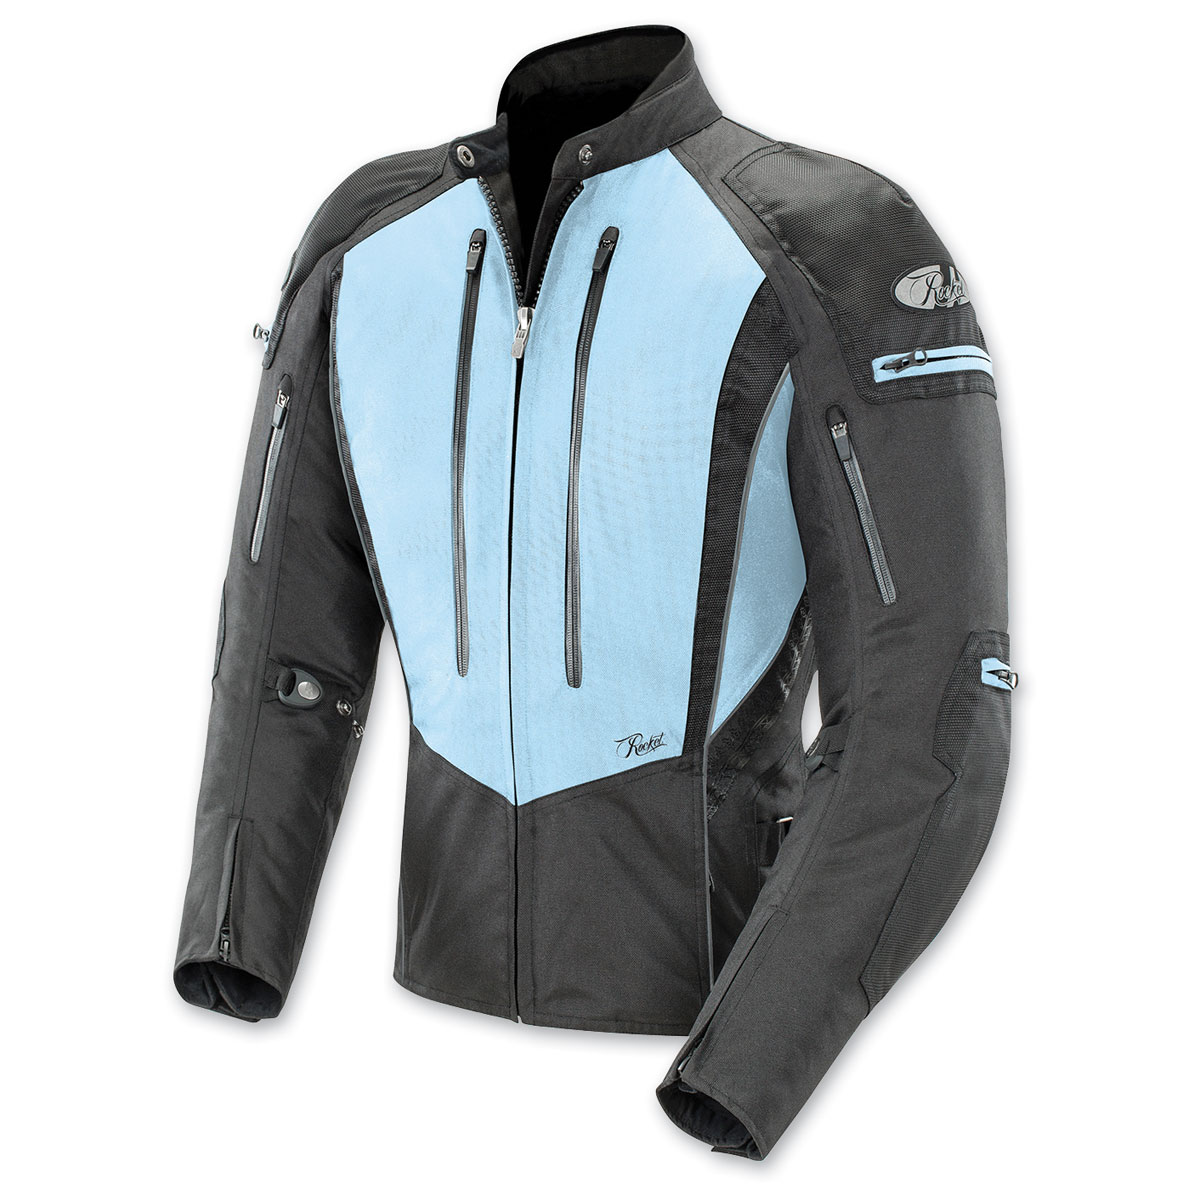 Joe Rocket Women's Atomic 5.0 Blue Jacket